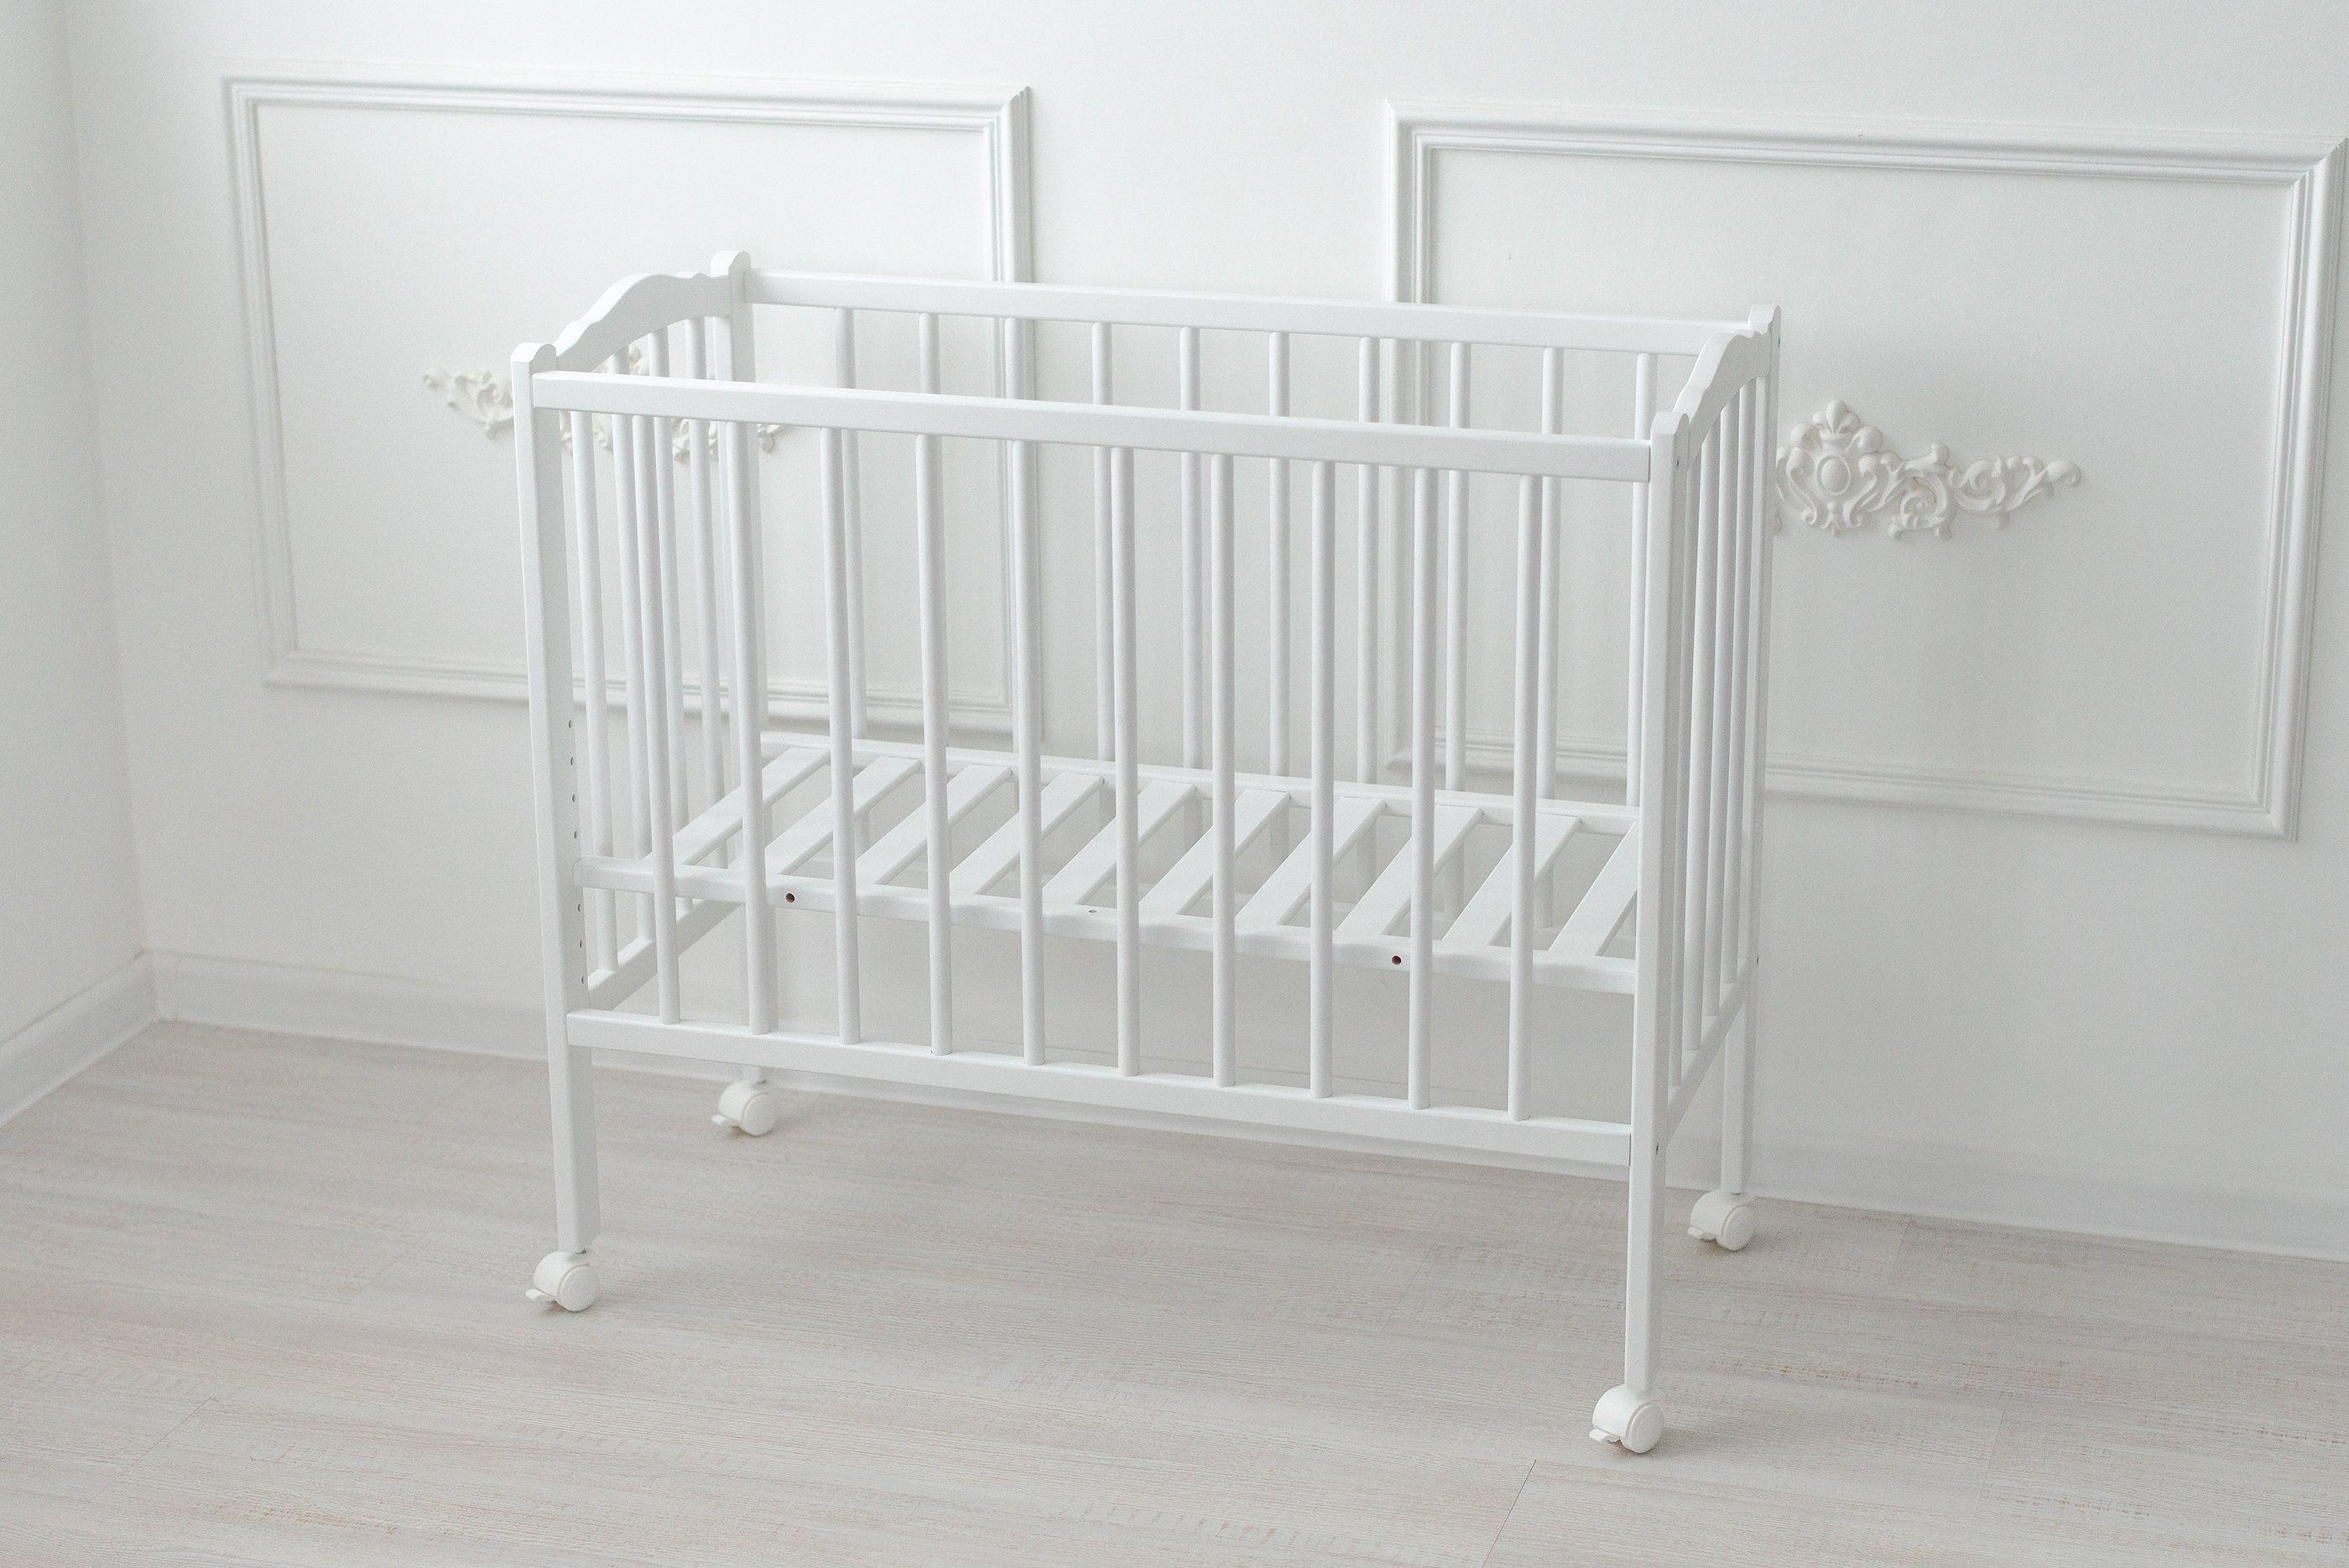 Baby Beistellbett 2in1 Plus Massivholz Buche Holzfarbe Weiss Furniture Home Decor Decor